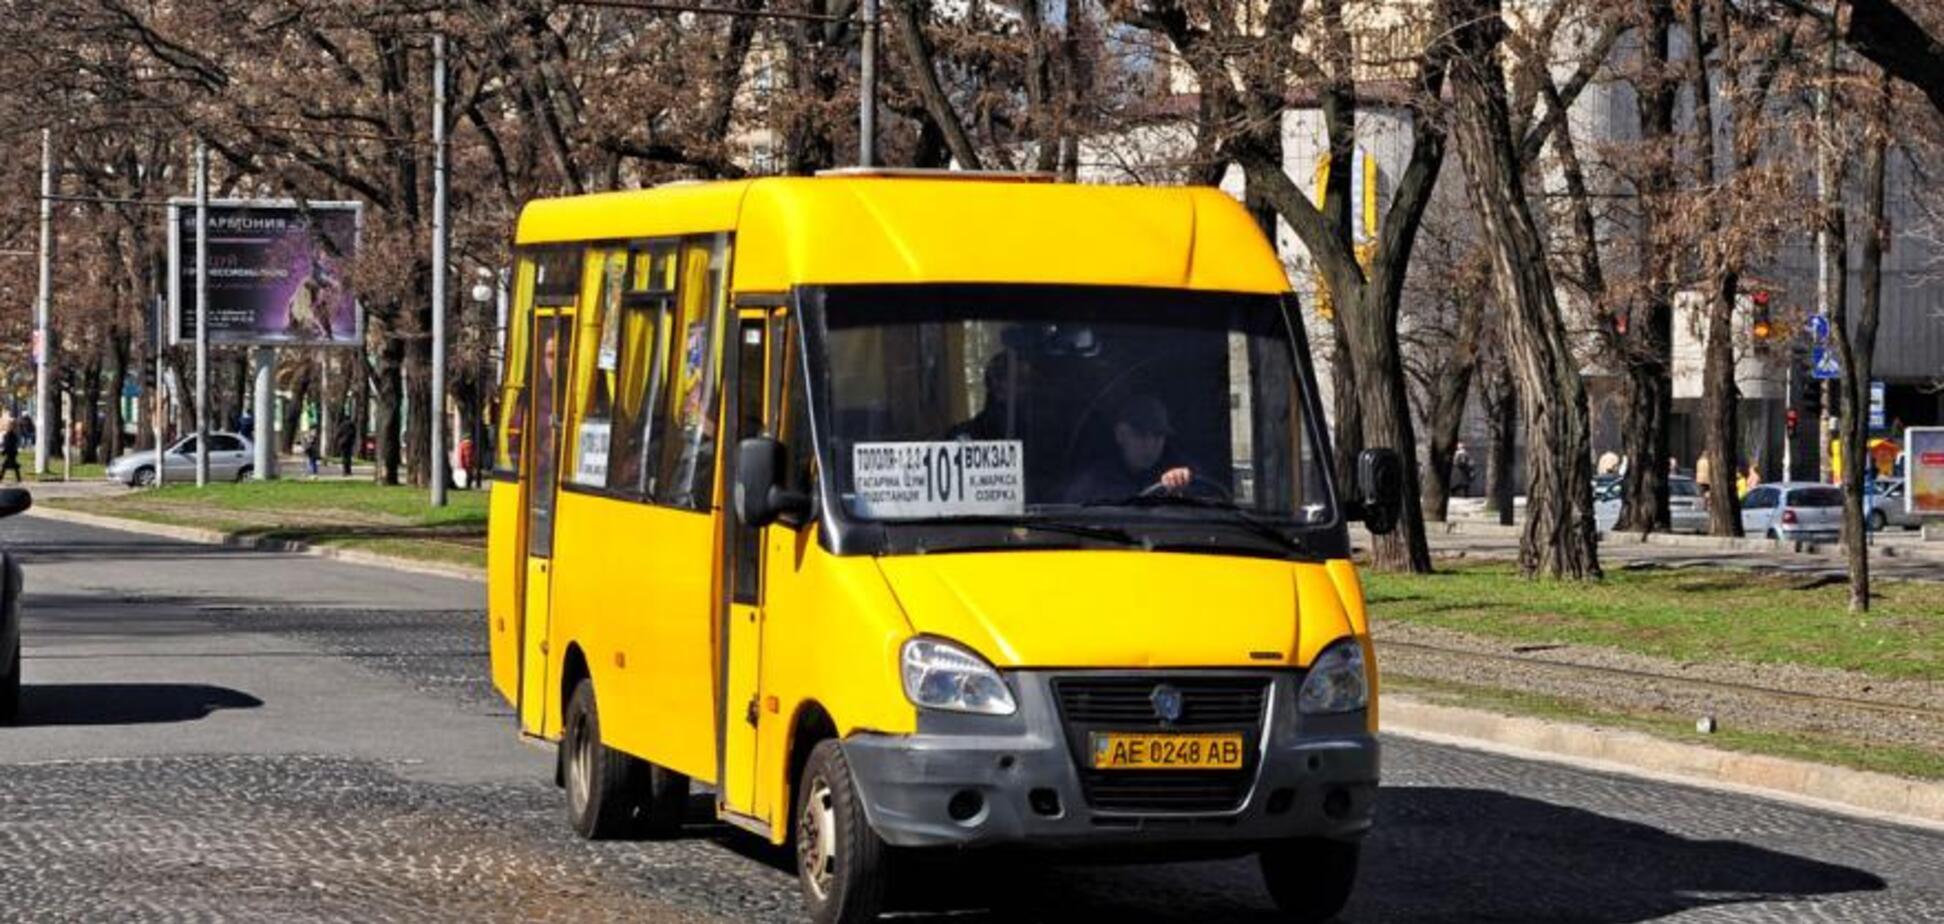 Понад півтори тисячі водіїв залишилися без роботи через карантин у Дніпрі